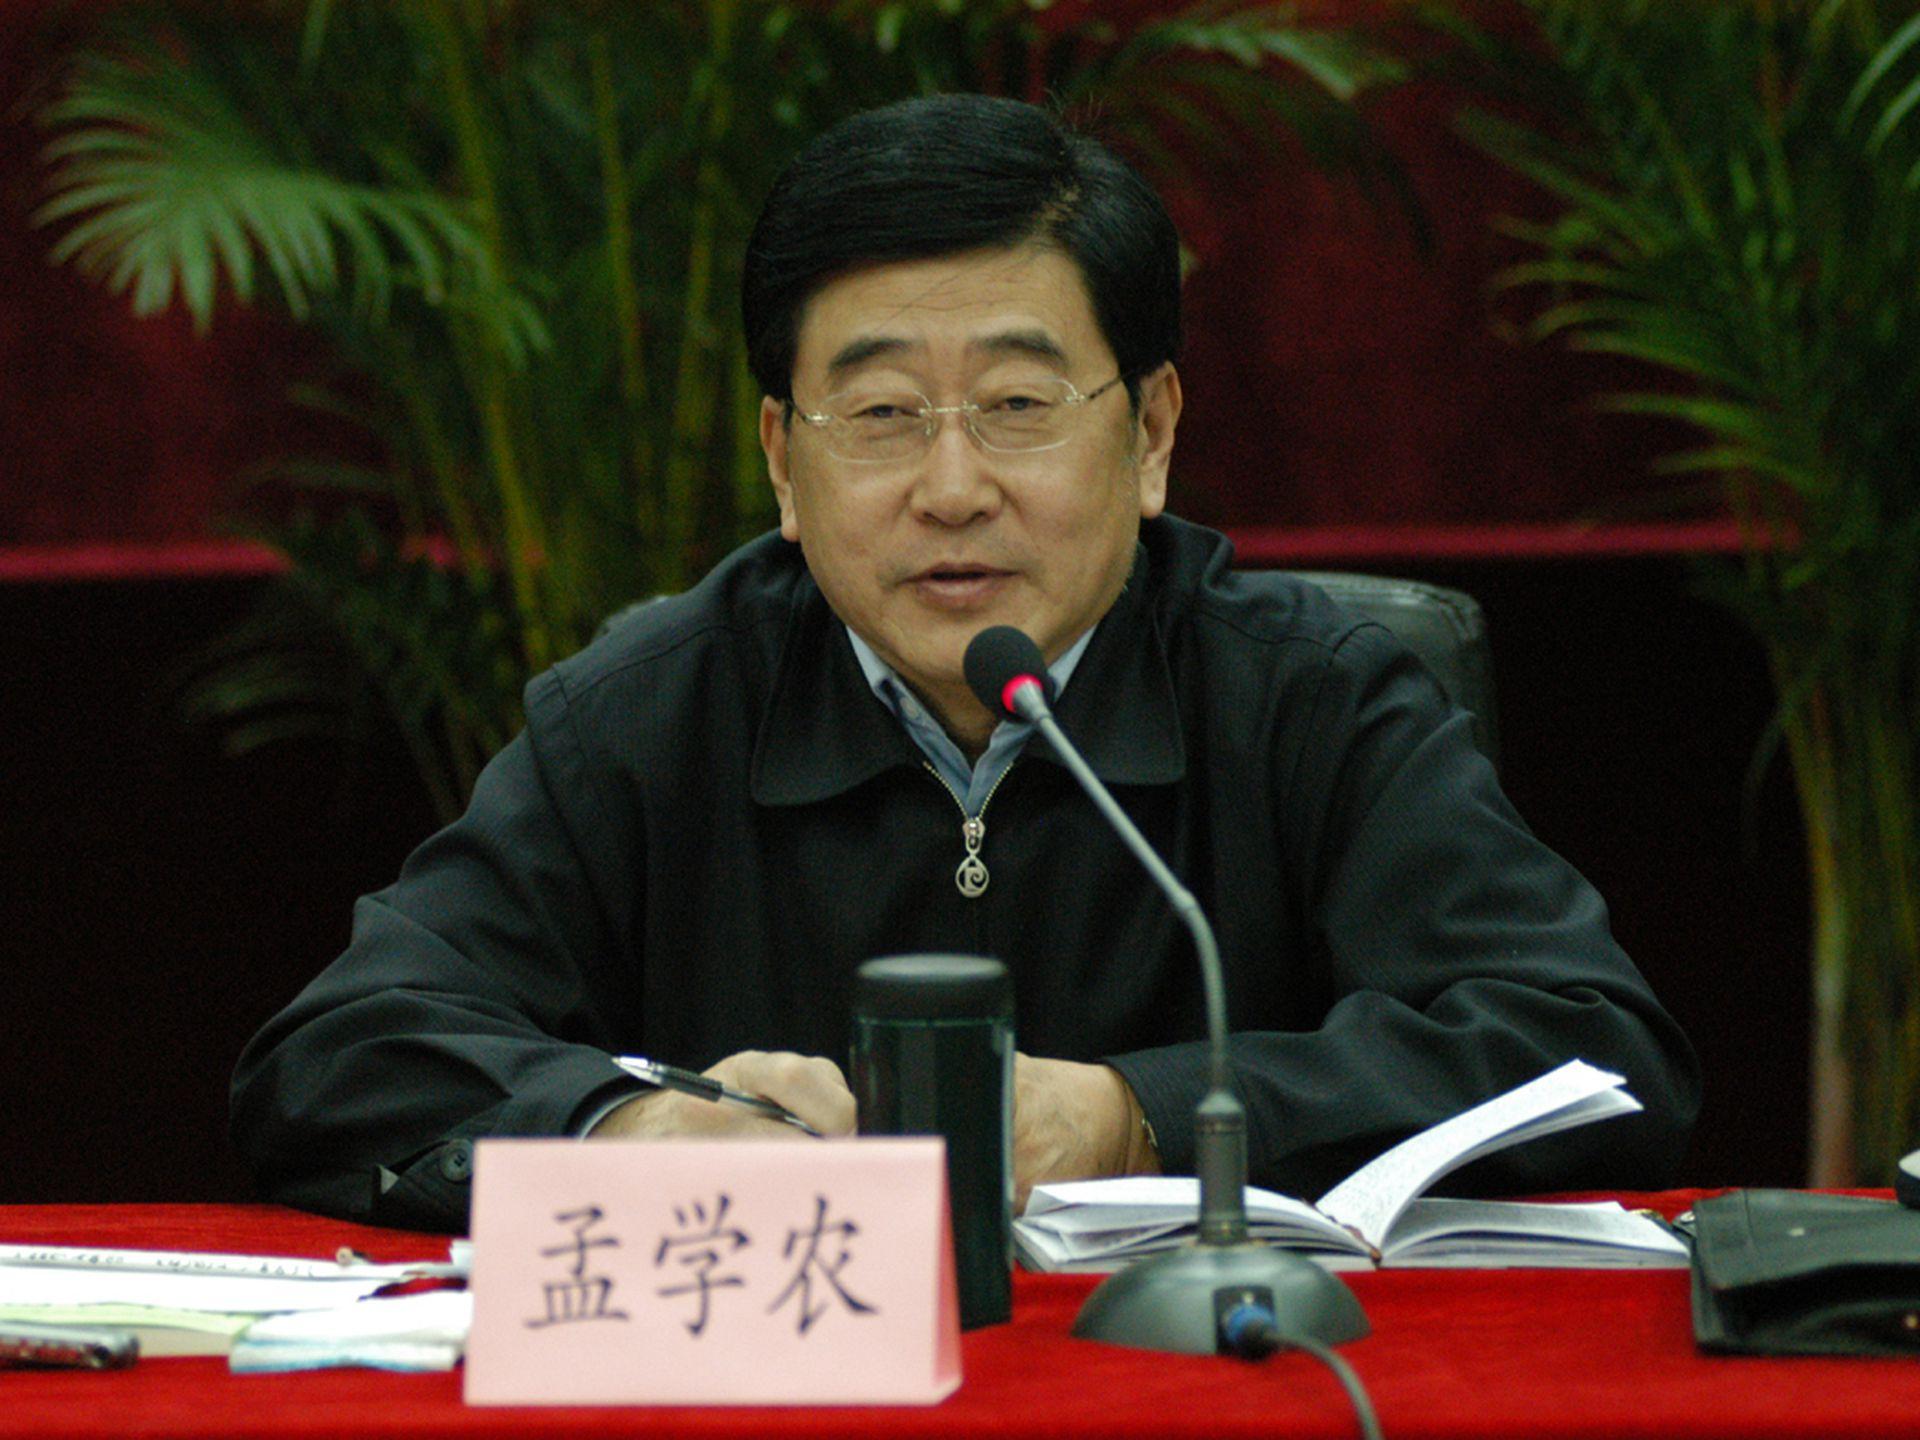 非典纪事:孟学农没有瞒报胡锦涛忍痛割爱|多维新闻|中国